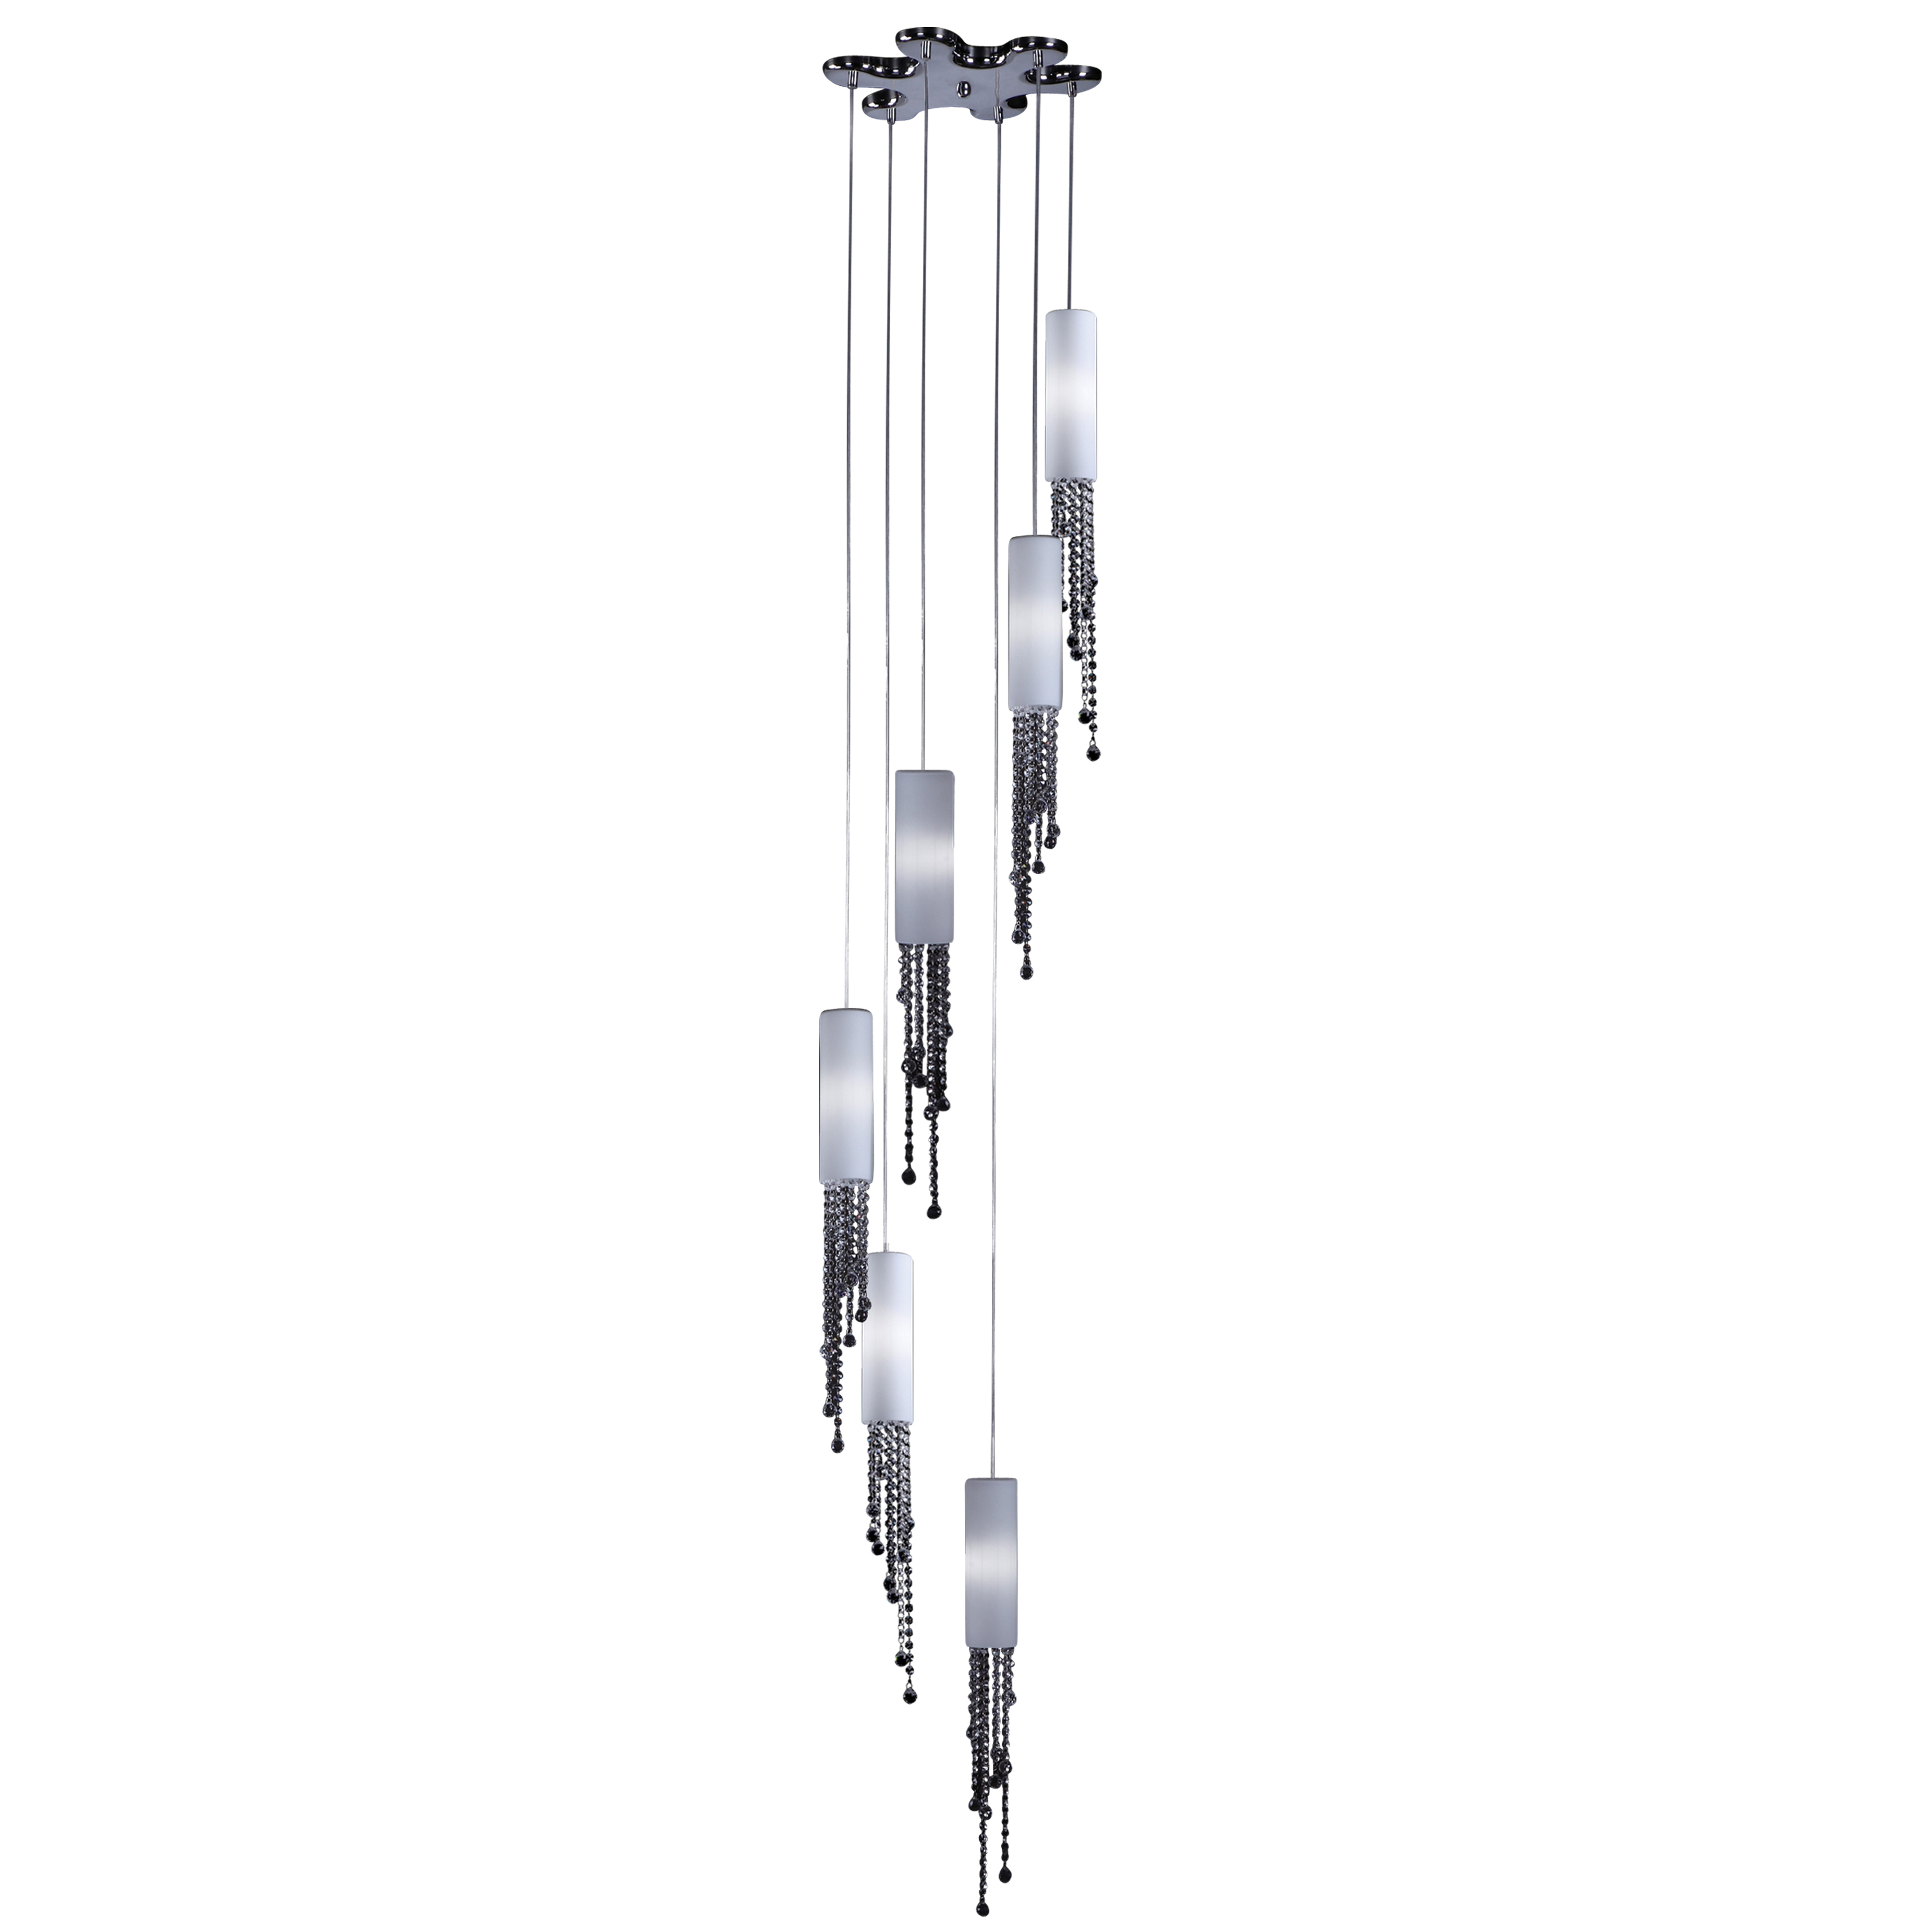 Светильник подвесной Odeon light 2571/6 светильник подвесной odeon light eveta 6 х g9 42w 2758 6